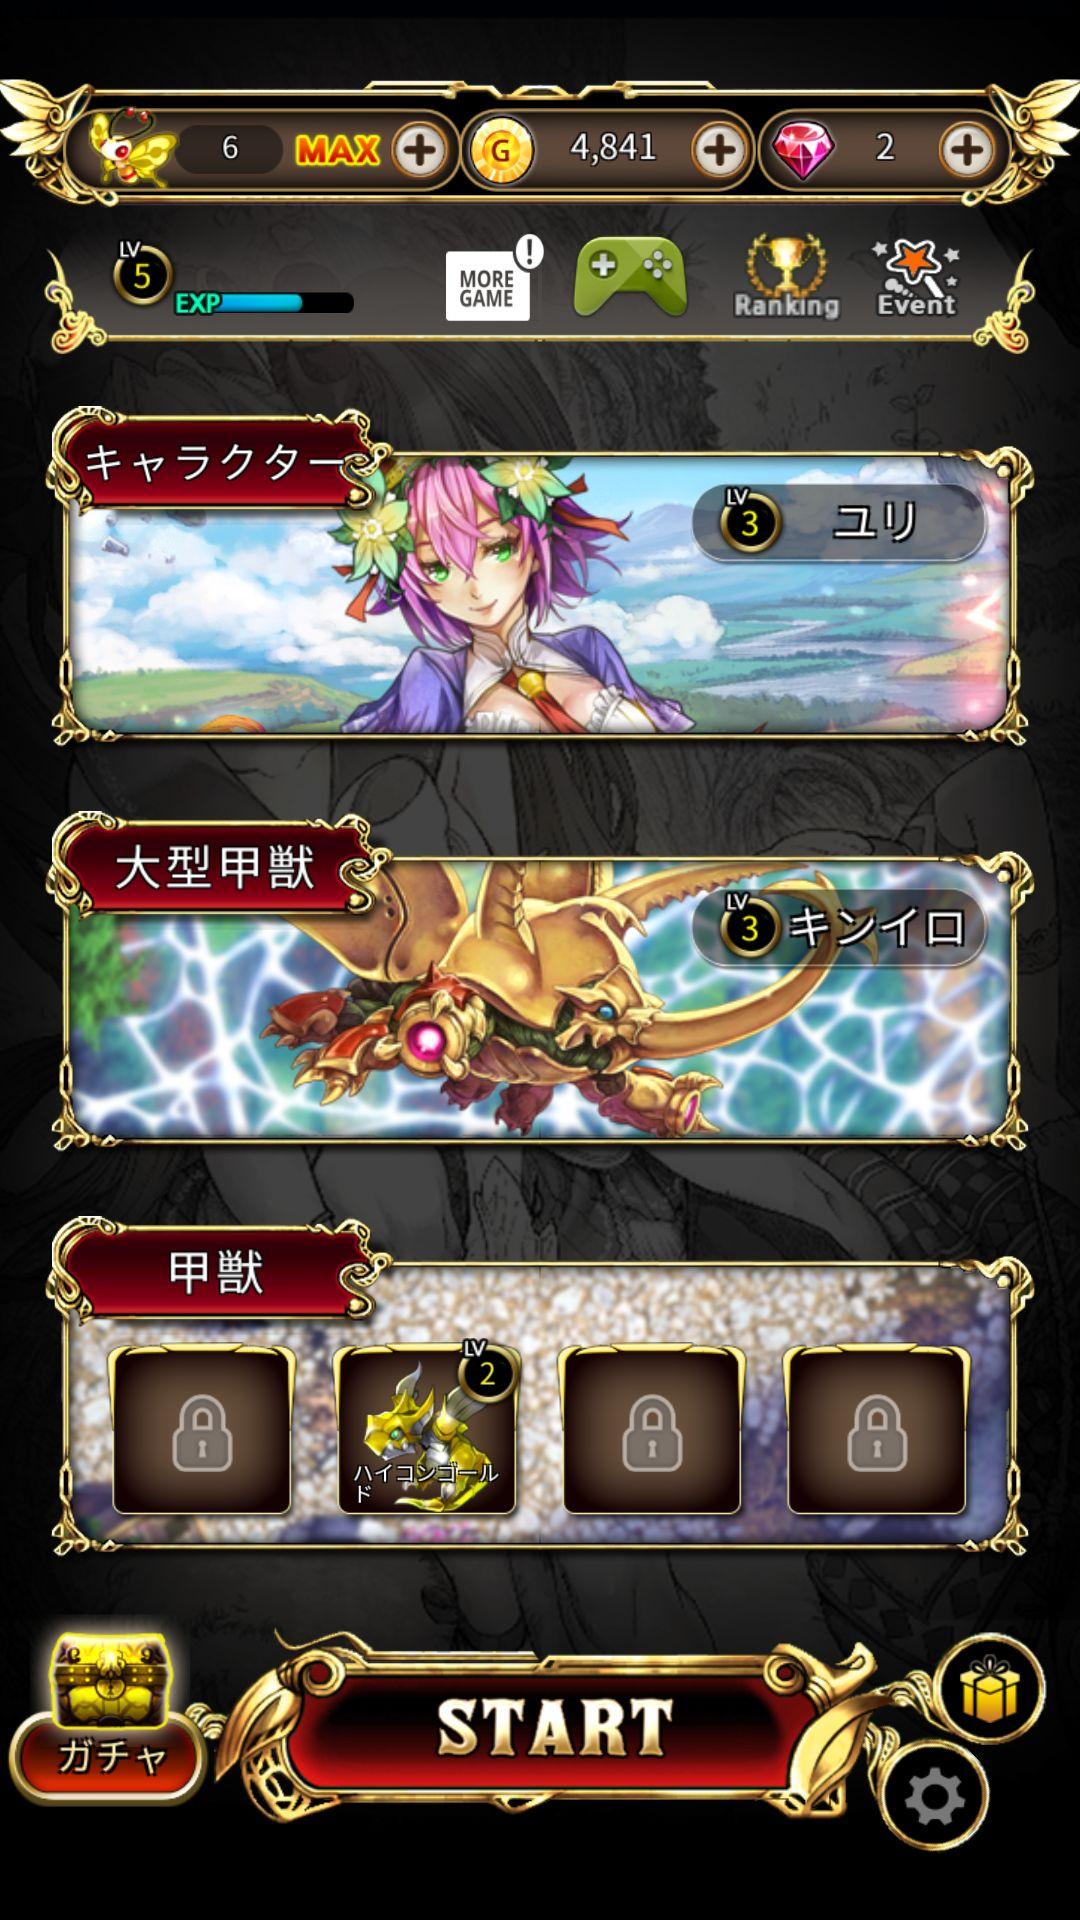 虫姫さま : Gold Label androidアプリスクリーンショット2